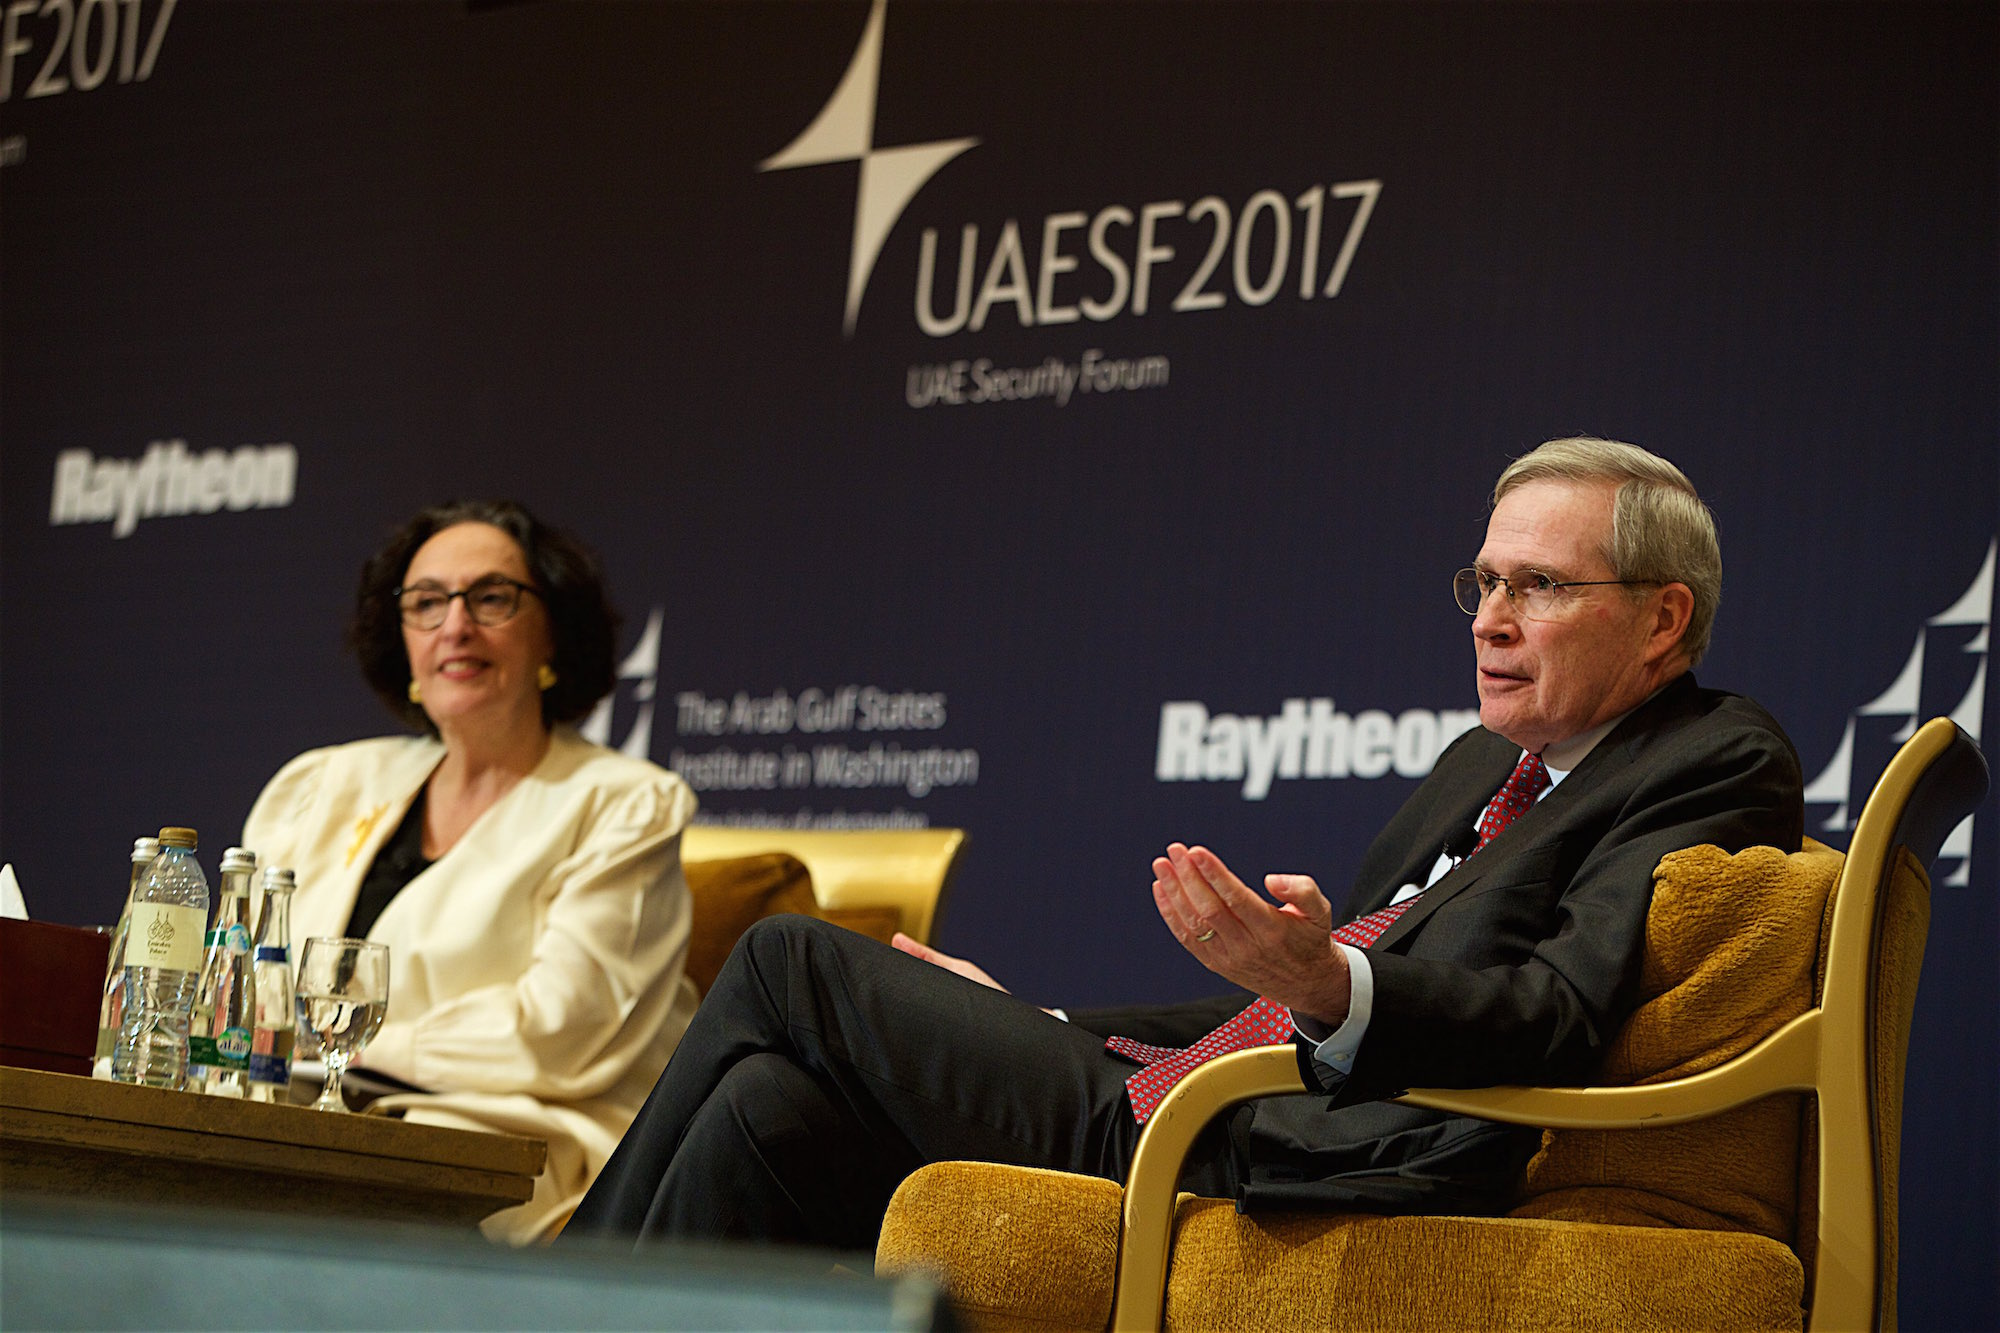 UAESF 2017